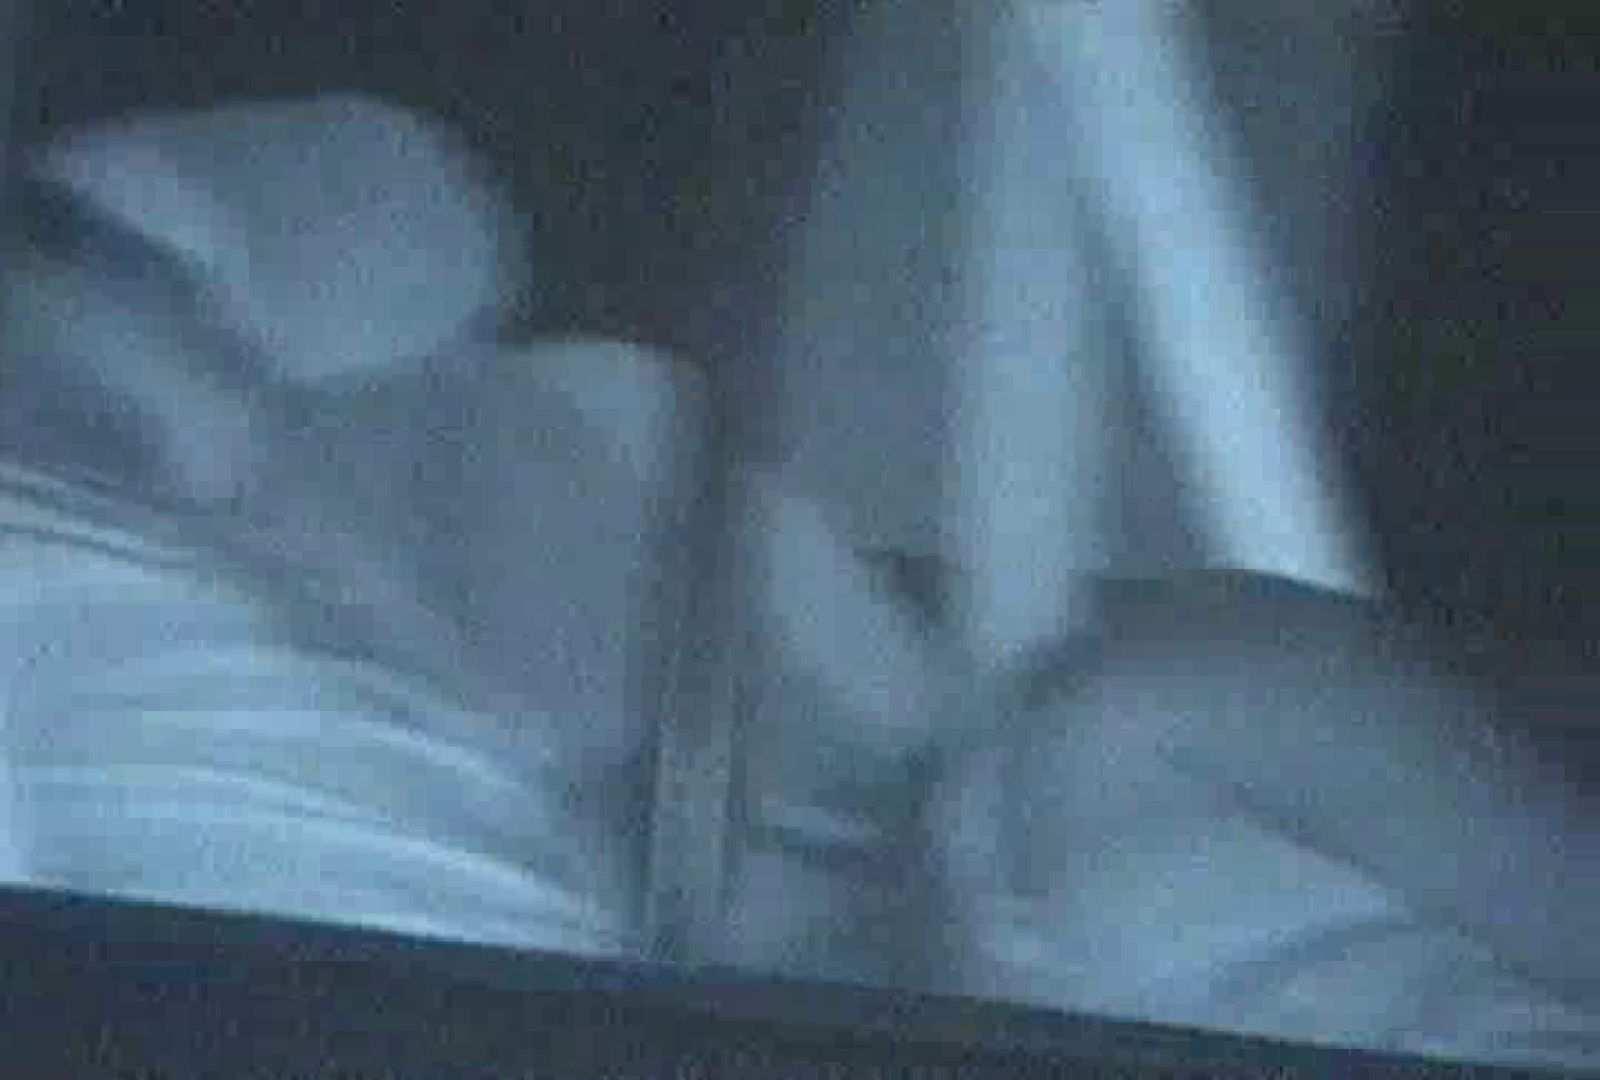 充血監督の深夜の運動会Vol.92 エロティックなOL オマンコ無修正動画無料 82画像 42